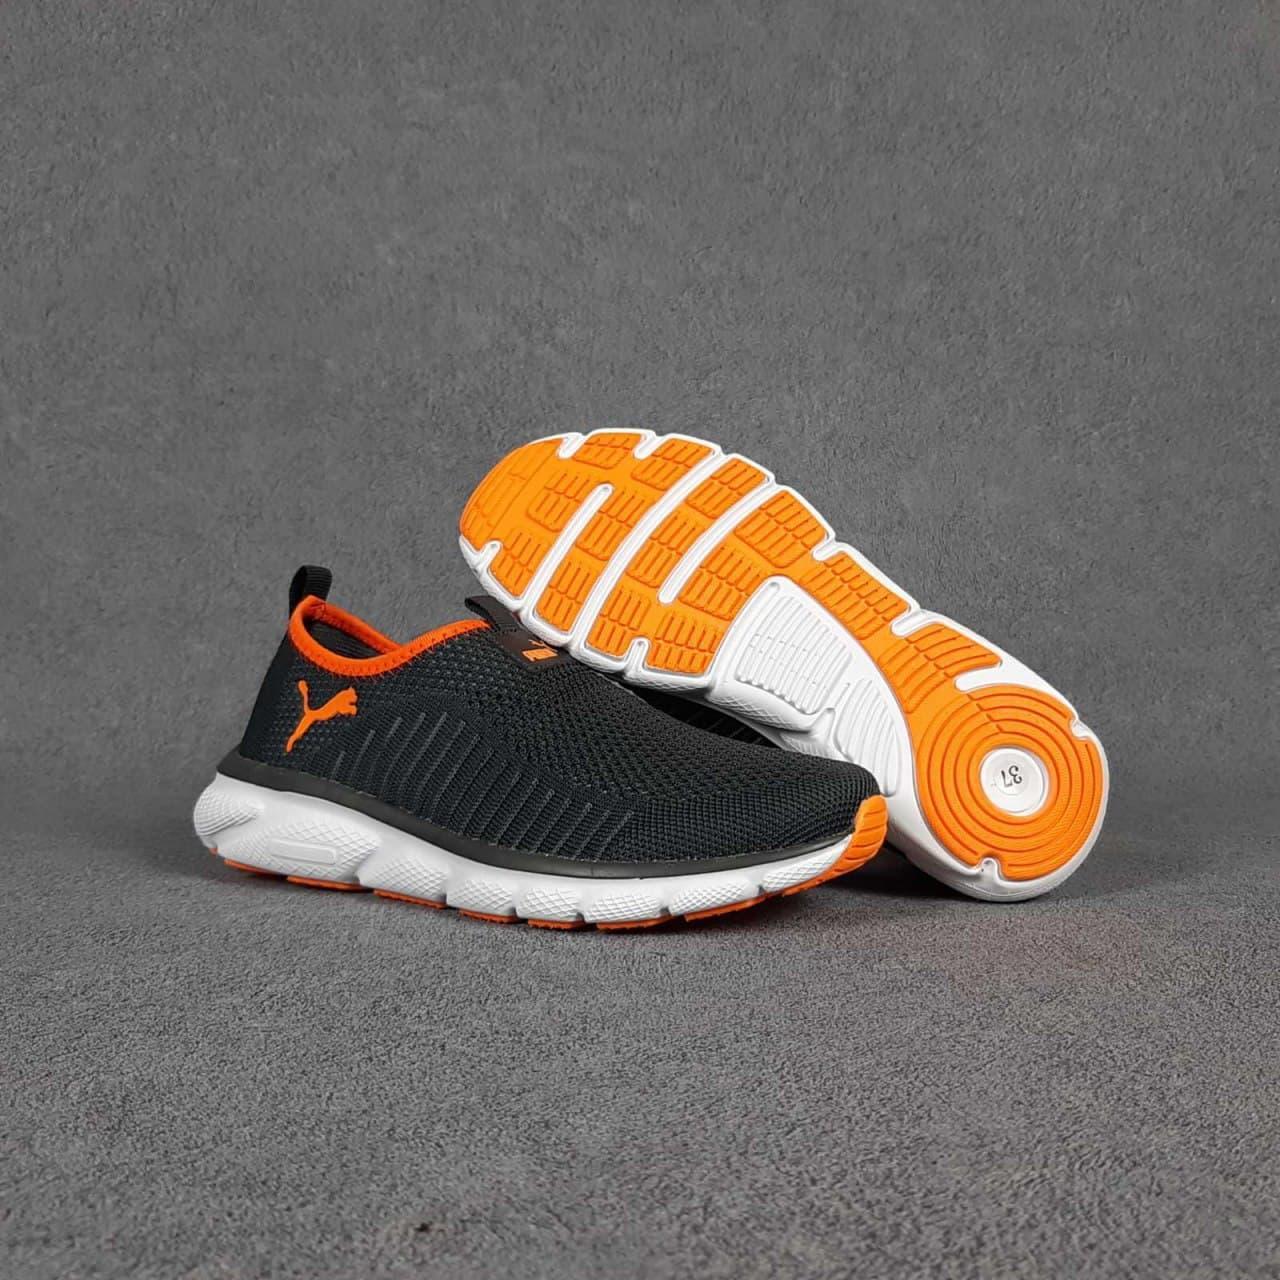 Женские кроссовки Puma (темно-серые с оранжевым) О20375 модная молодежная обувь без шнурков для девушек